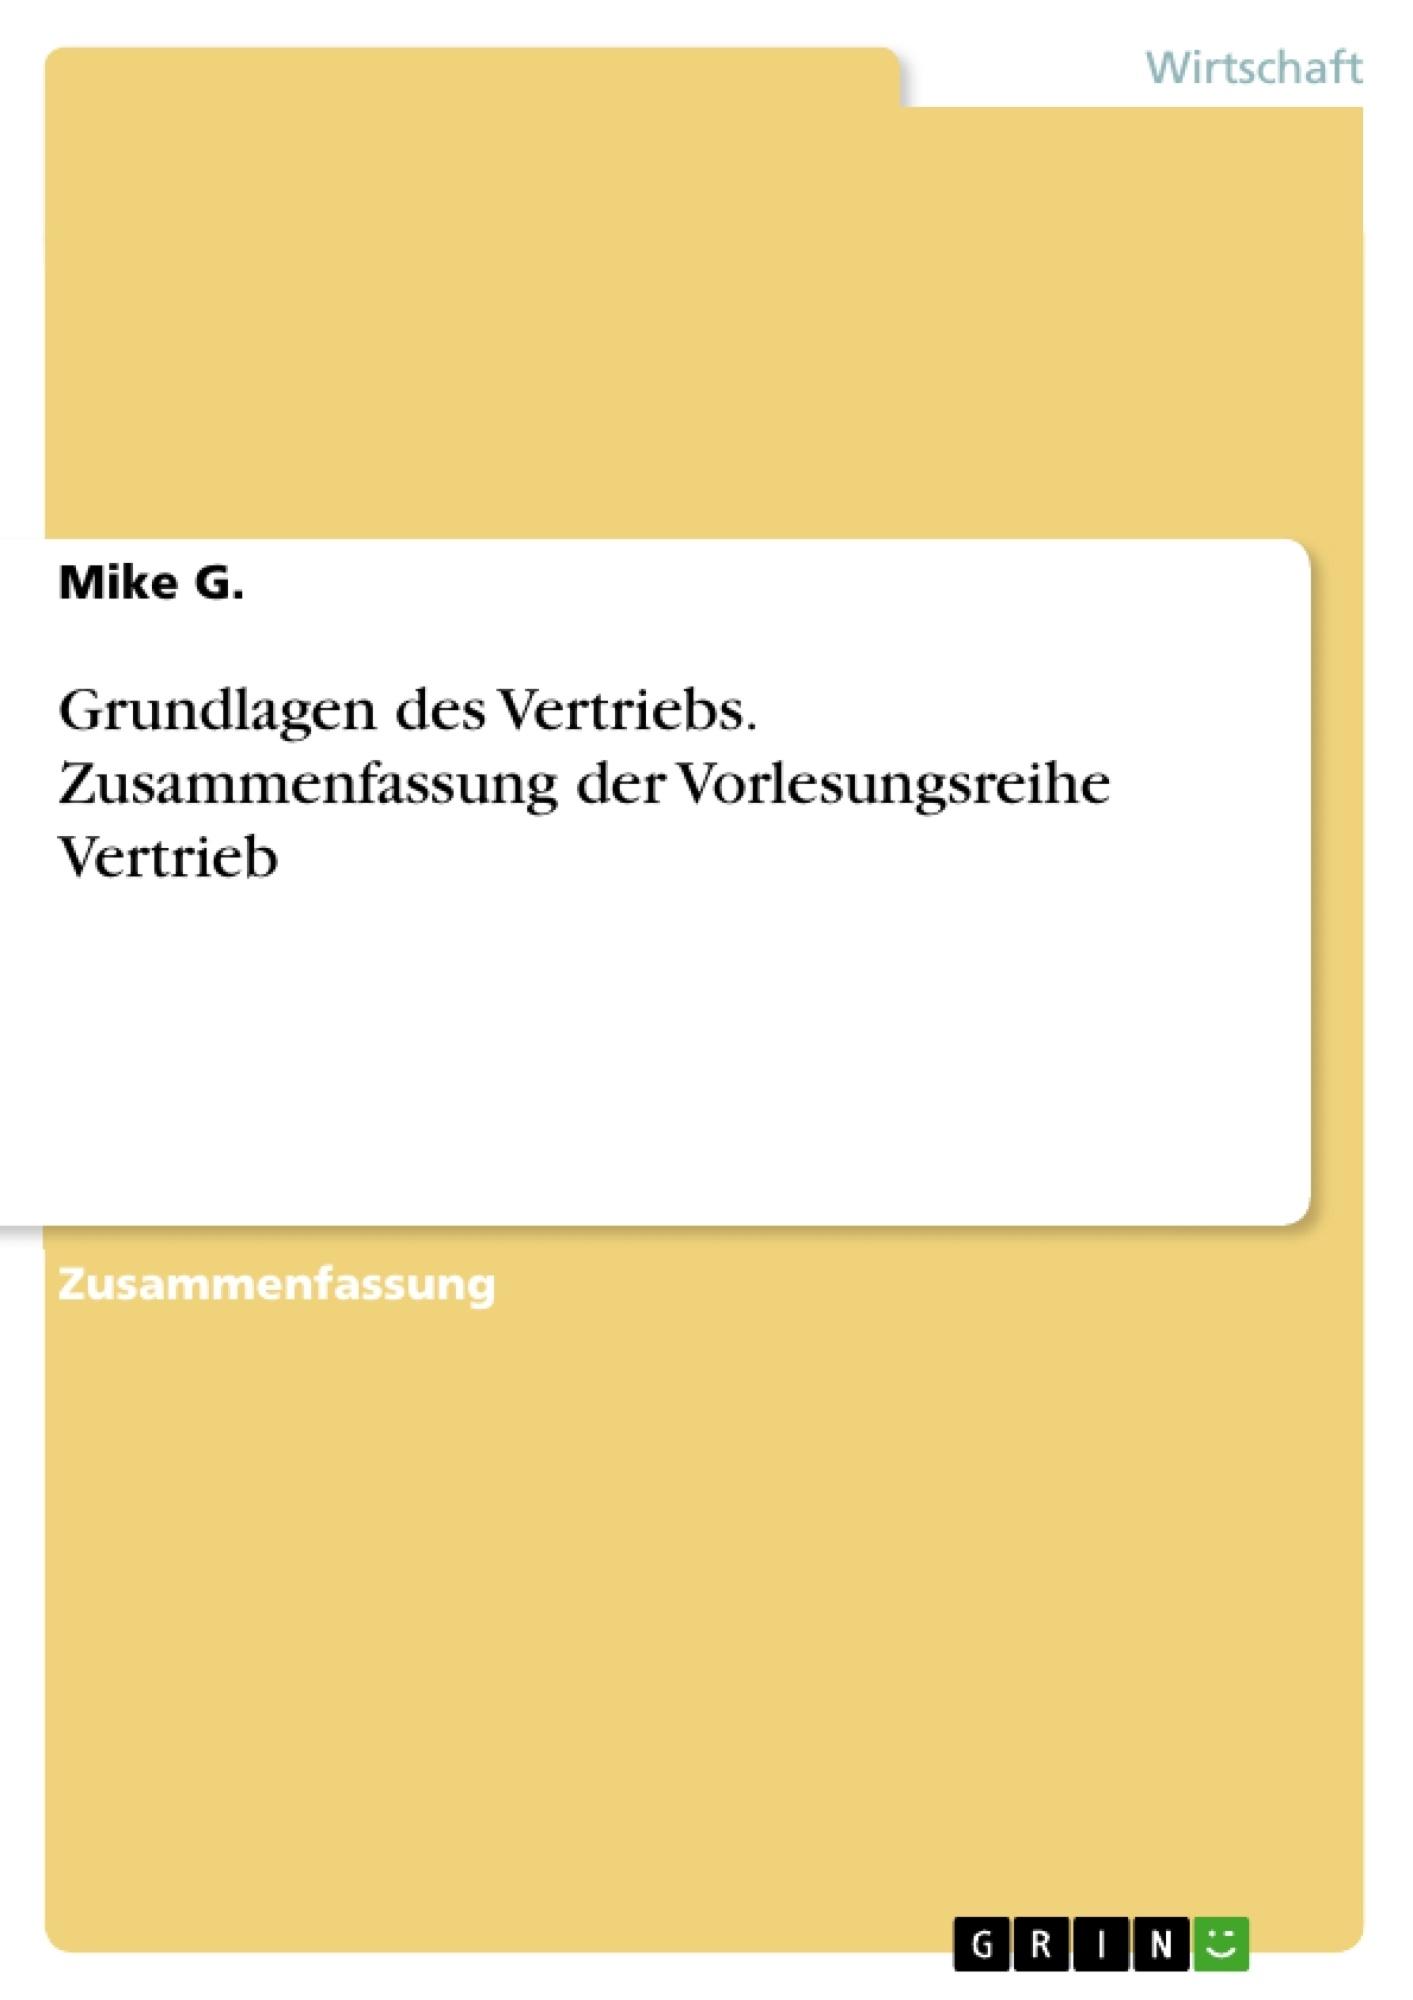 Titel: Grundlagen des Vertriebs. Zusammenfassung der Vorlesungsreihe Vertrieb